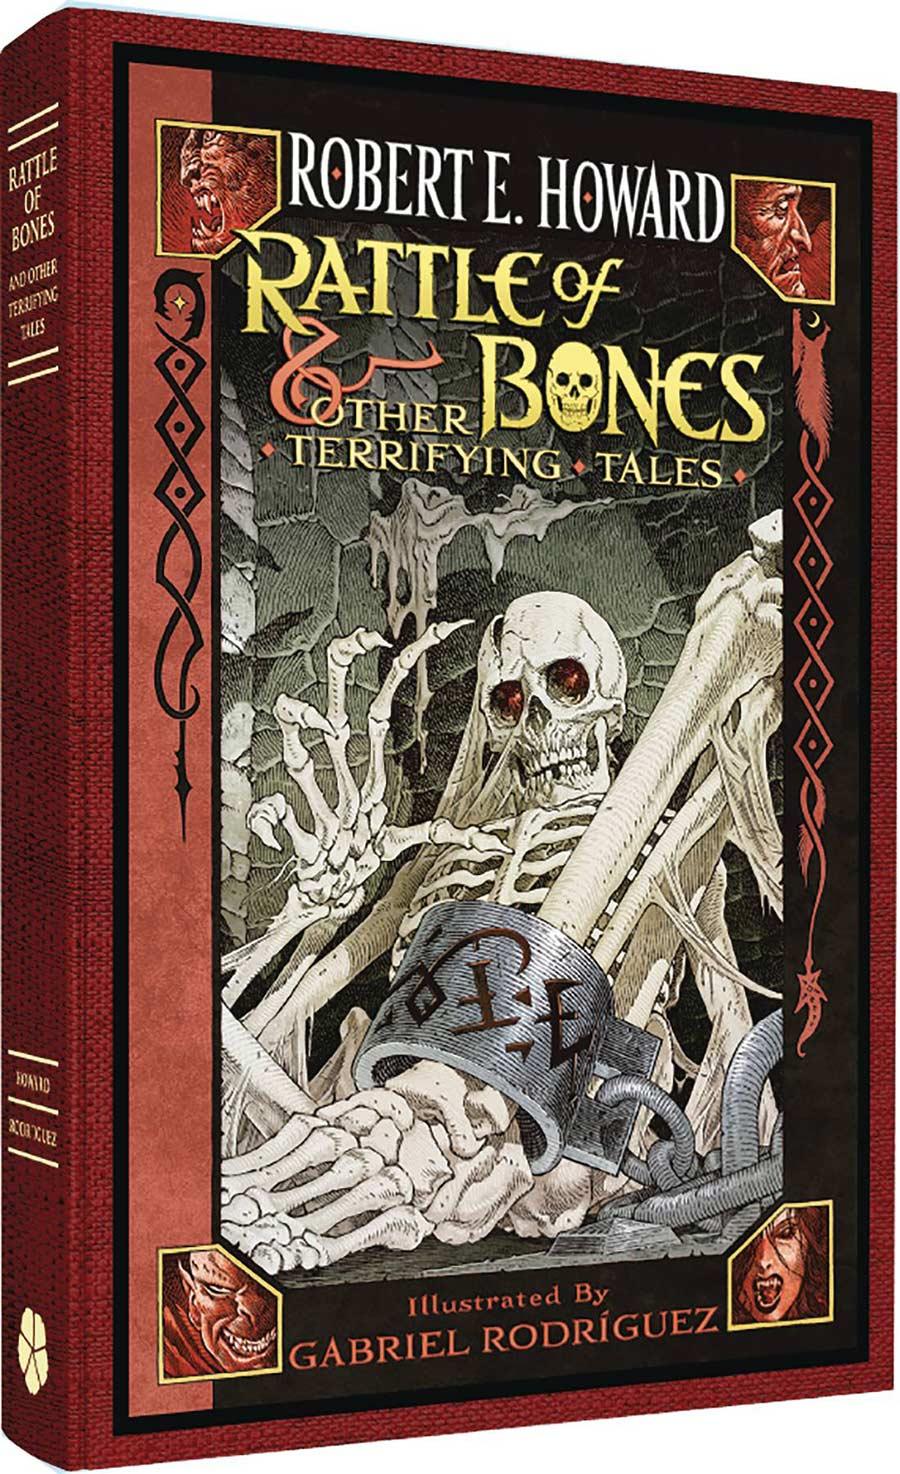 Robert E. Howard's Rattle Of Bones